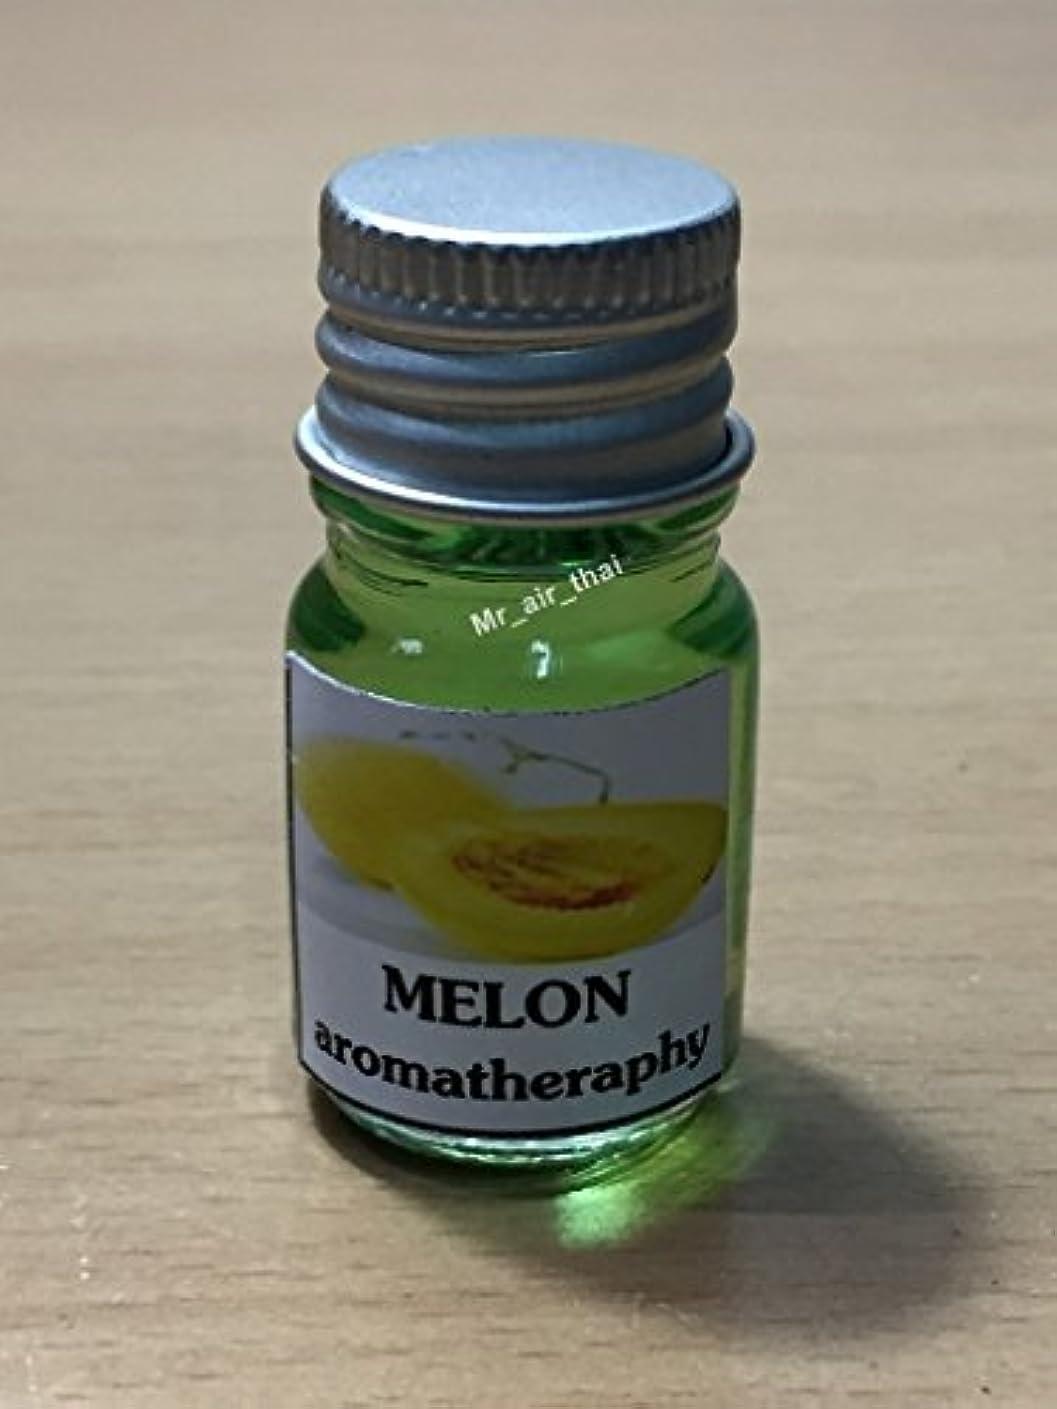 航空会社ほぼチケット5ミリリットルアロマメロンフランクインセンスエッセンシャルオイルボトルアロマテラピーオイル自然自然5ml Aroma Melon Frankincense Essential Oil Bottles Aromatherapy...